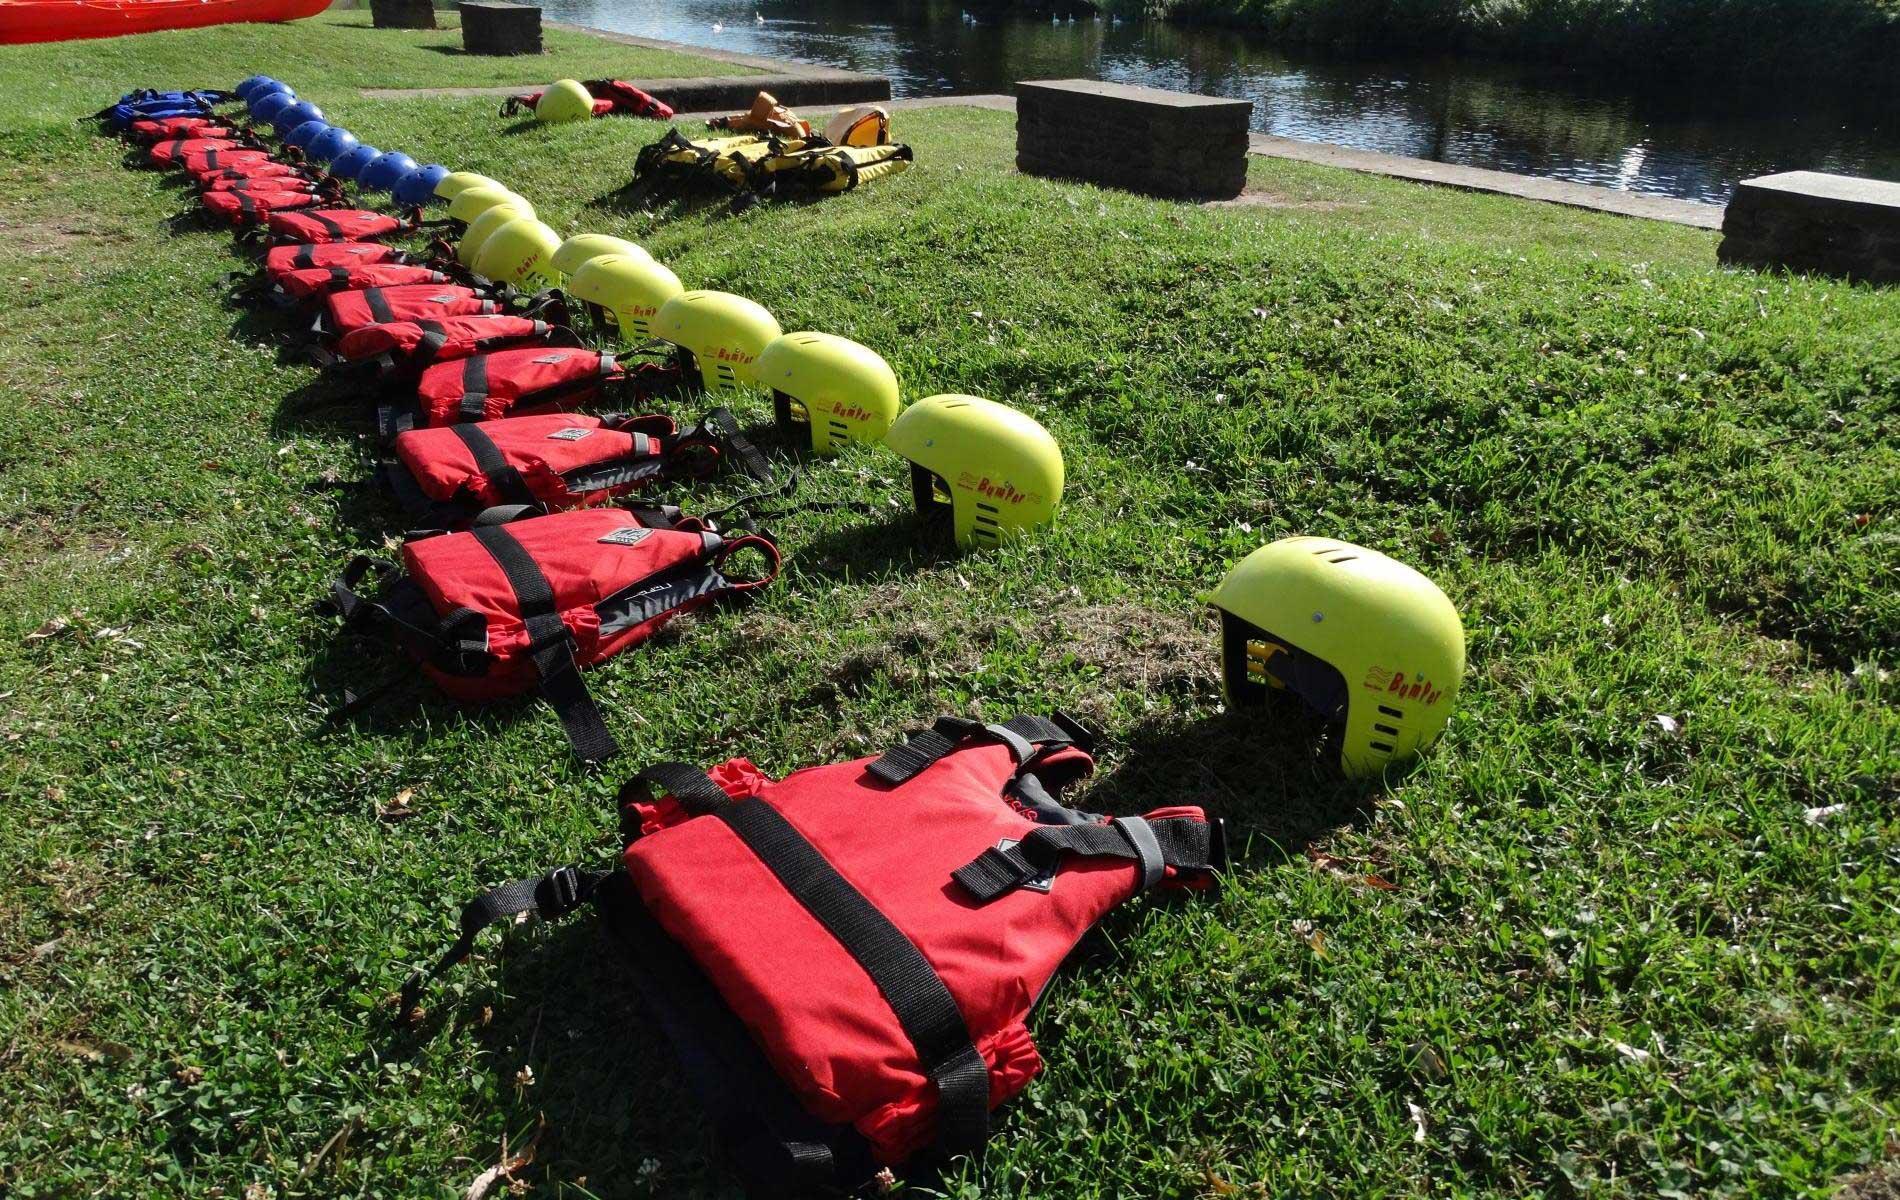 Water & adventure activities at specialist summer camp in UK